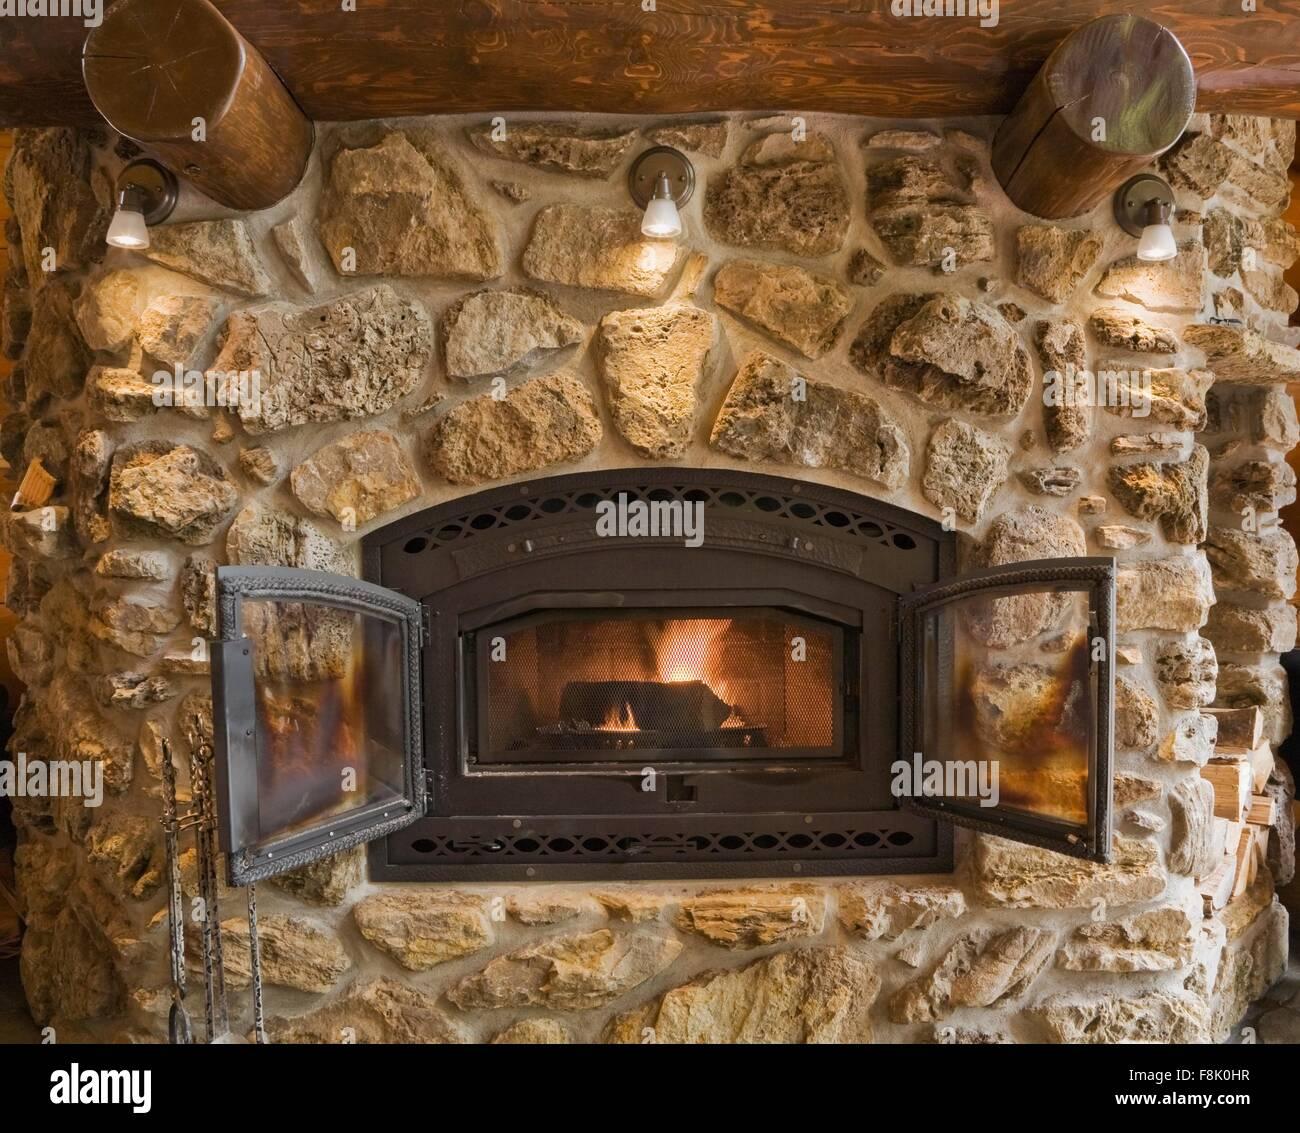 Hervorragend Beleuchtete Feldsteinen Und Rock Kamin Im Wohnzimmer In Zeder Blockhaus,  Quebec, Kanada